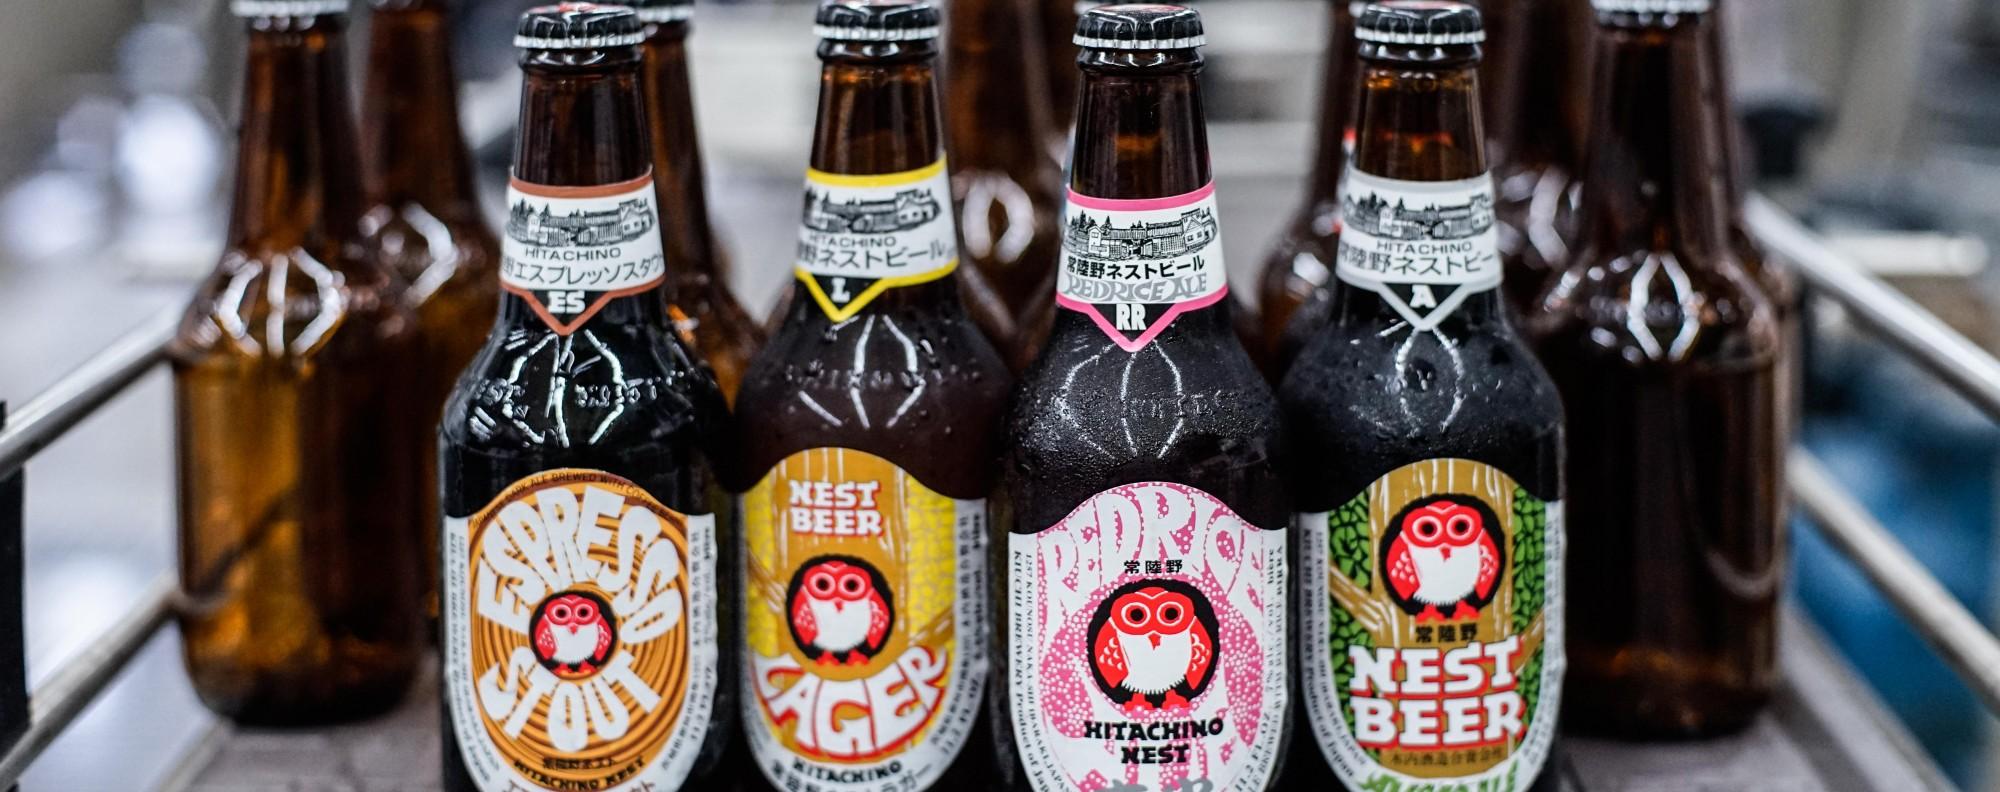 dsc41681_hero  The 14 Coolest Beer Label Designs You've Ever Seen dsc41681 hero